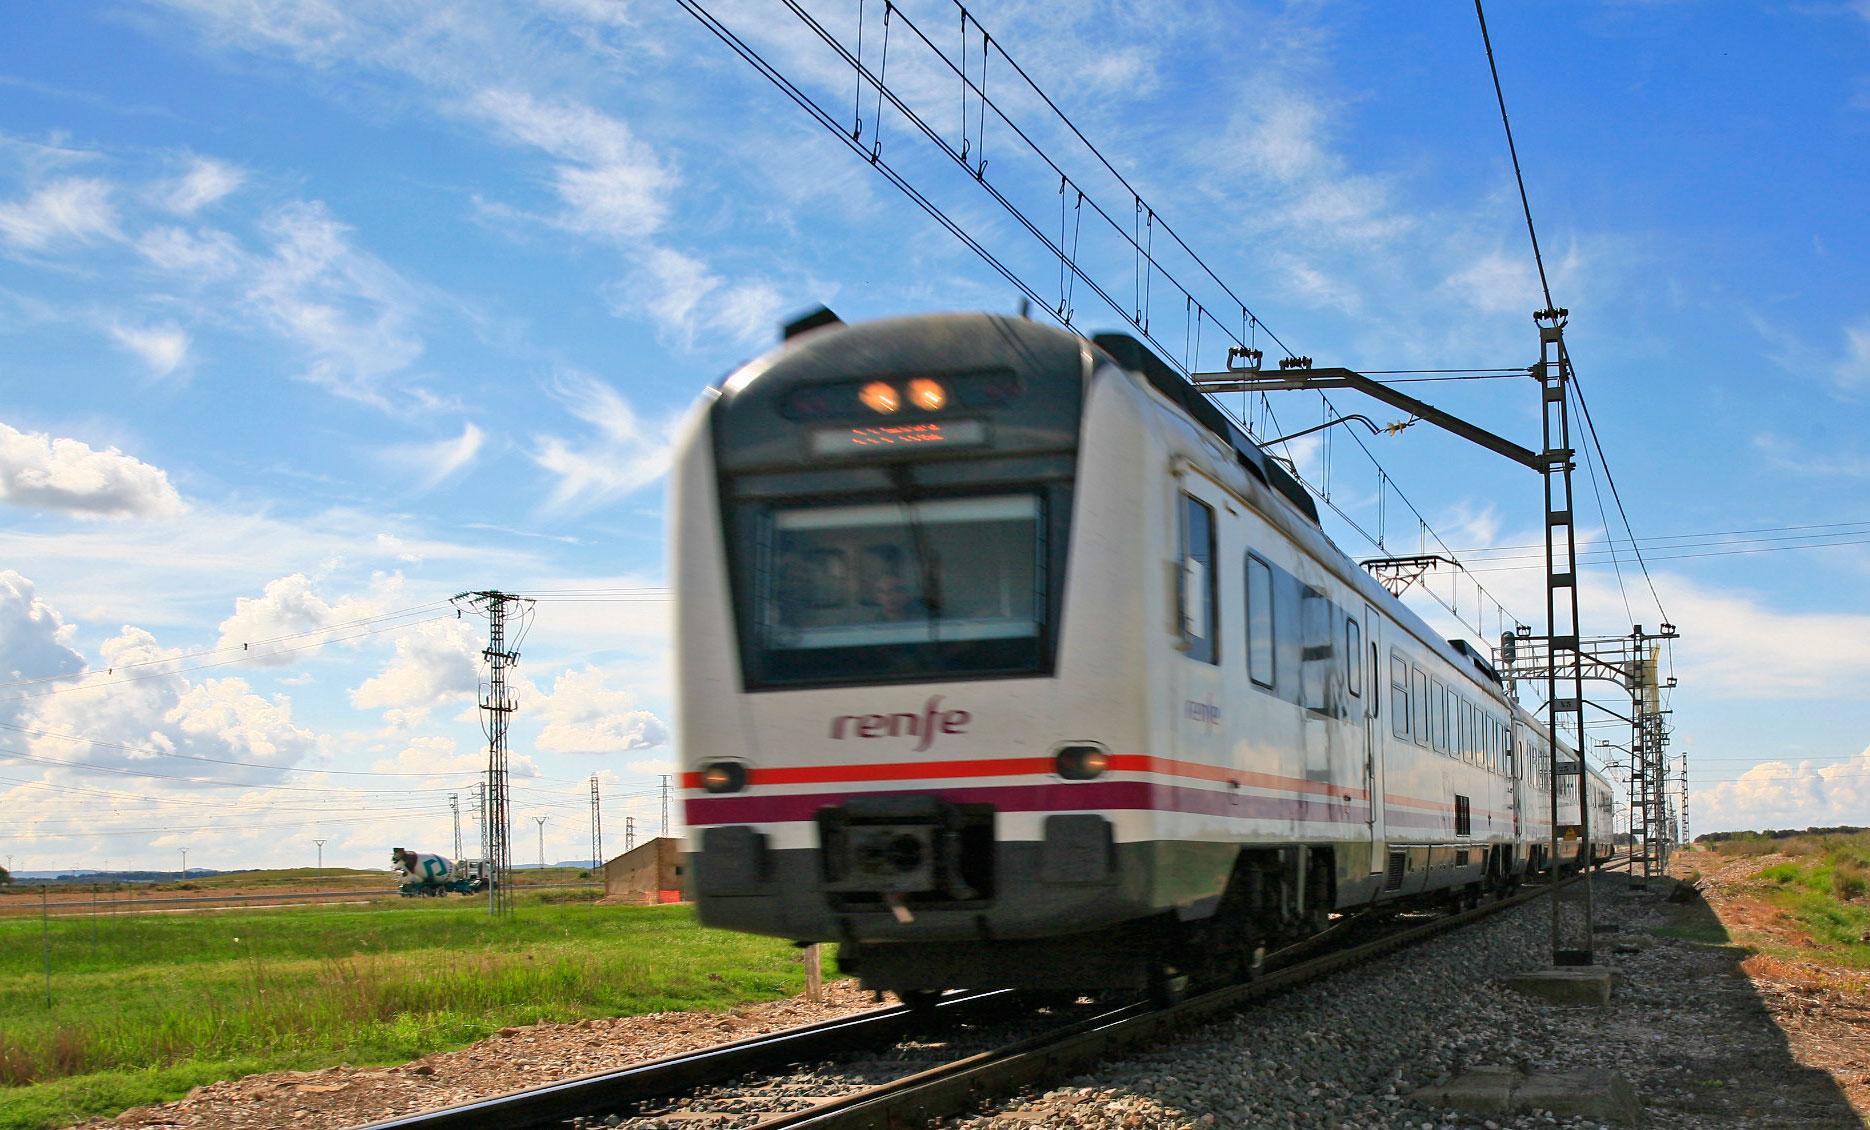 ¿Por qué deberías viajar más en tren? 6